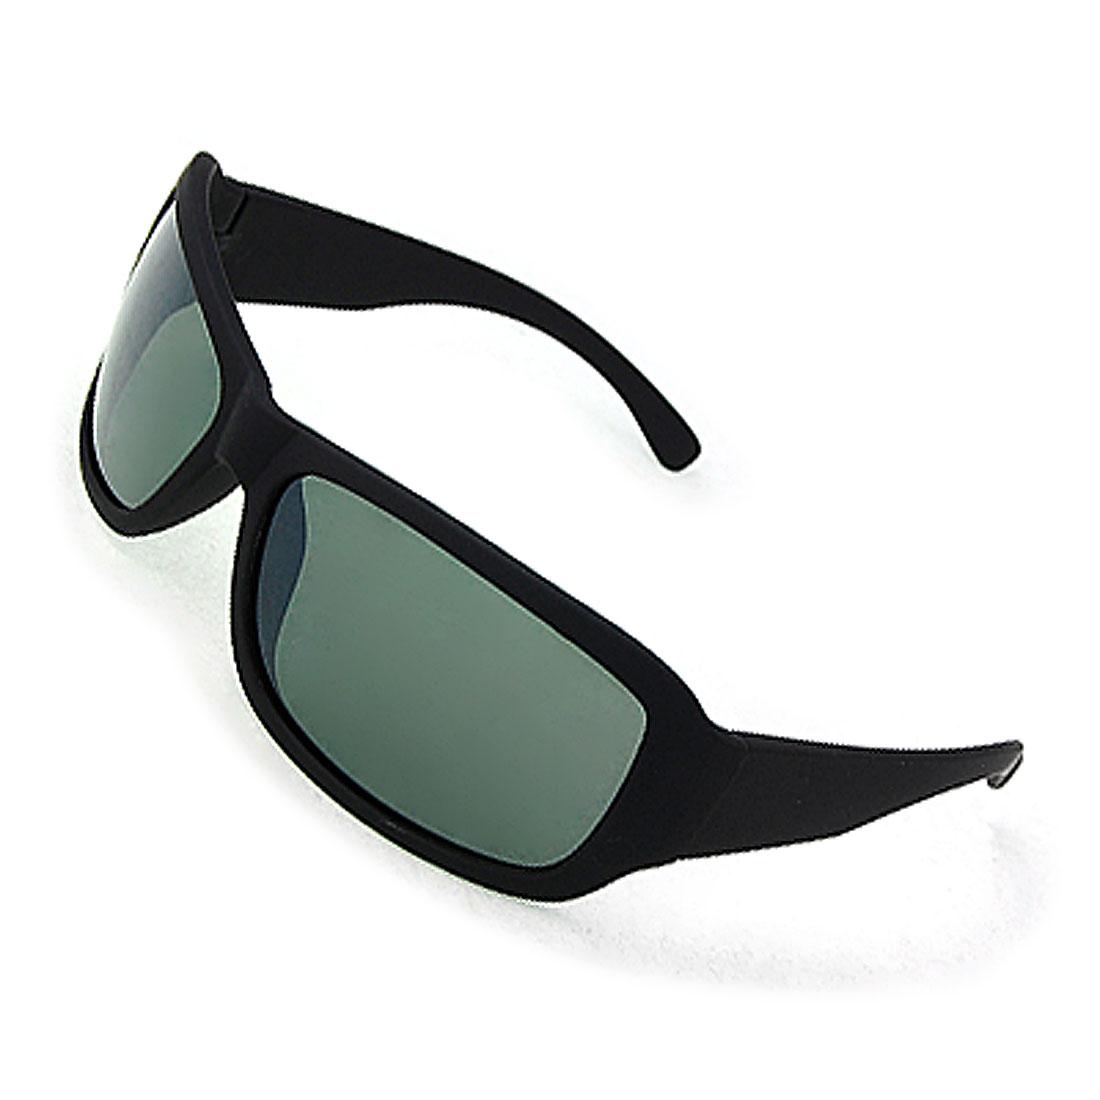 Black Full Frame Atrovirens Lens Sunglasses for Unisex